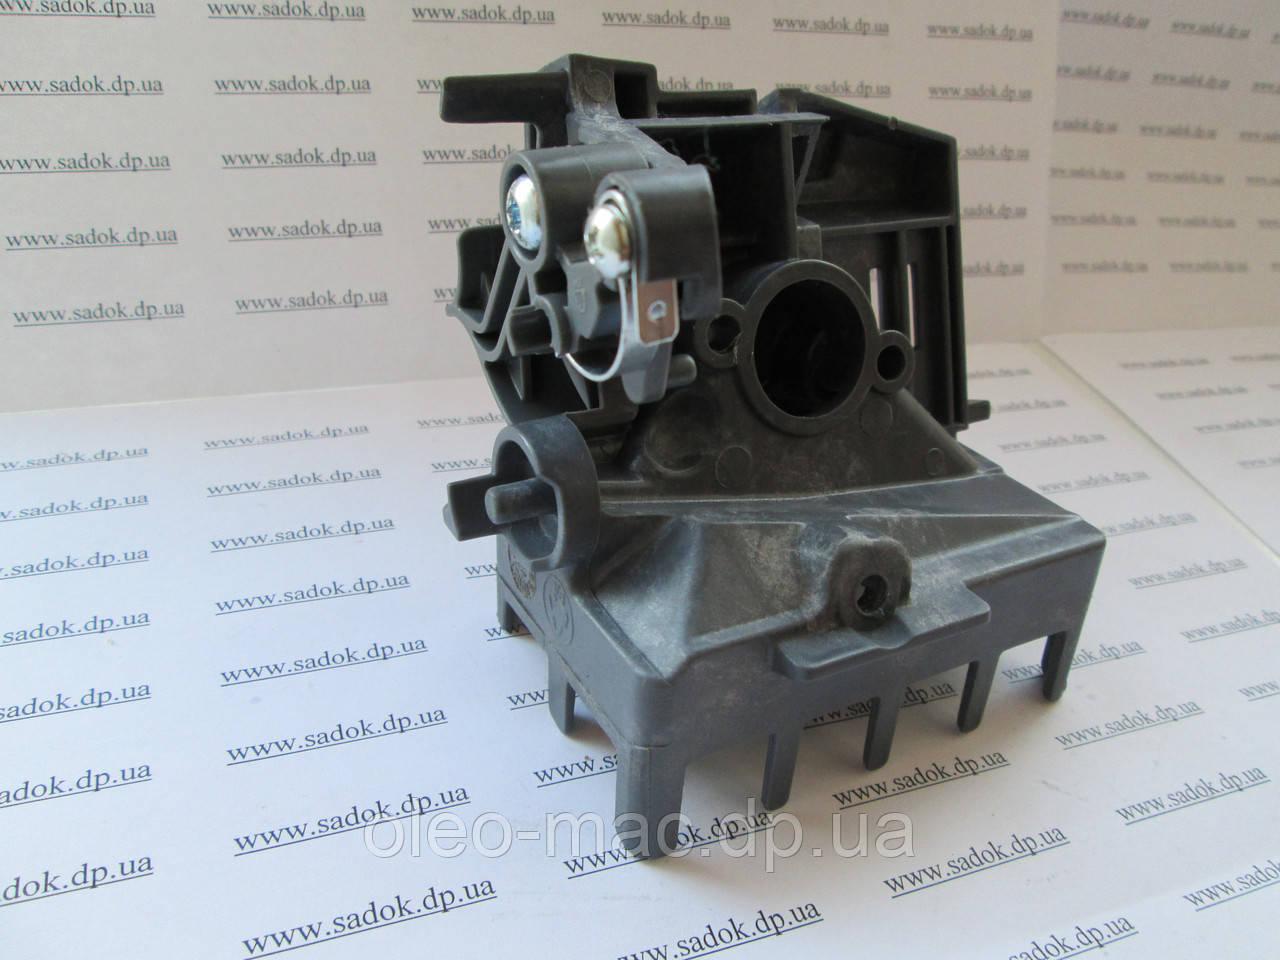 Суппорт фильтра для бензопилы Oleo-Mac GS 35C